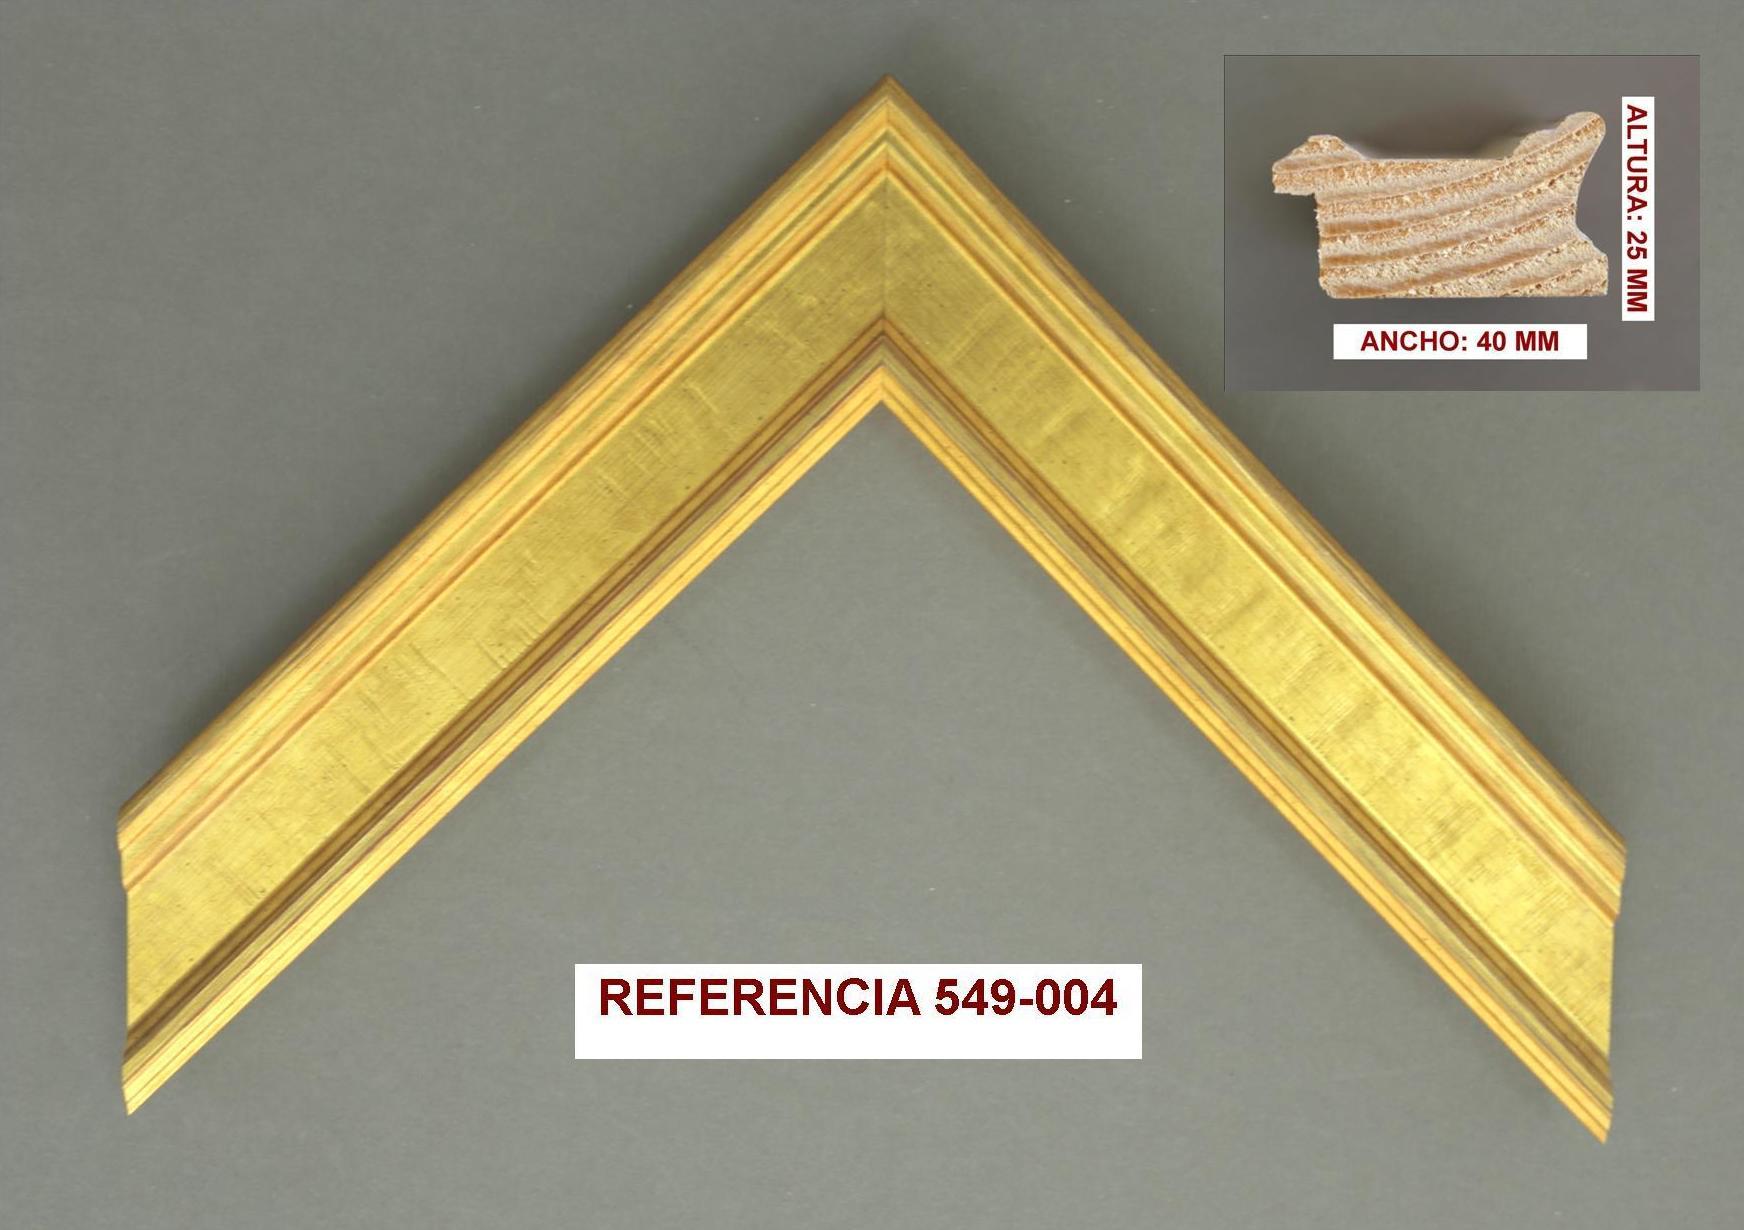 REF 549-004: Muestrario de Moldusevilla